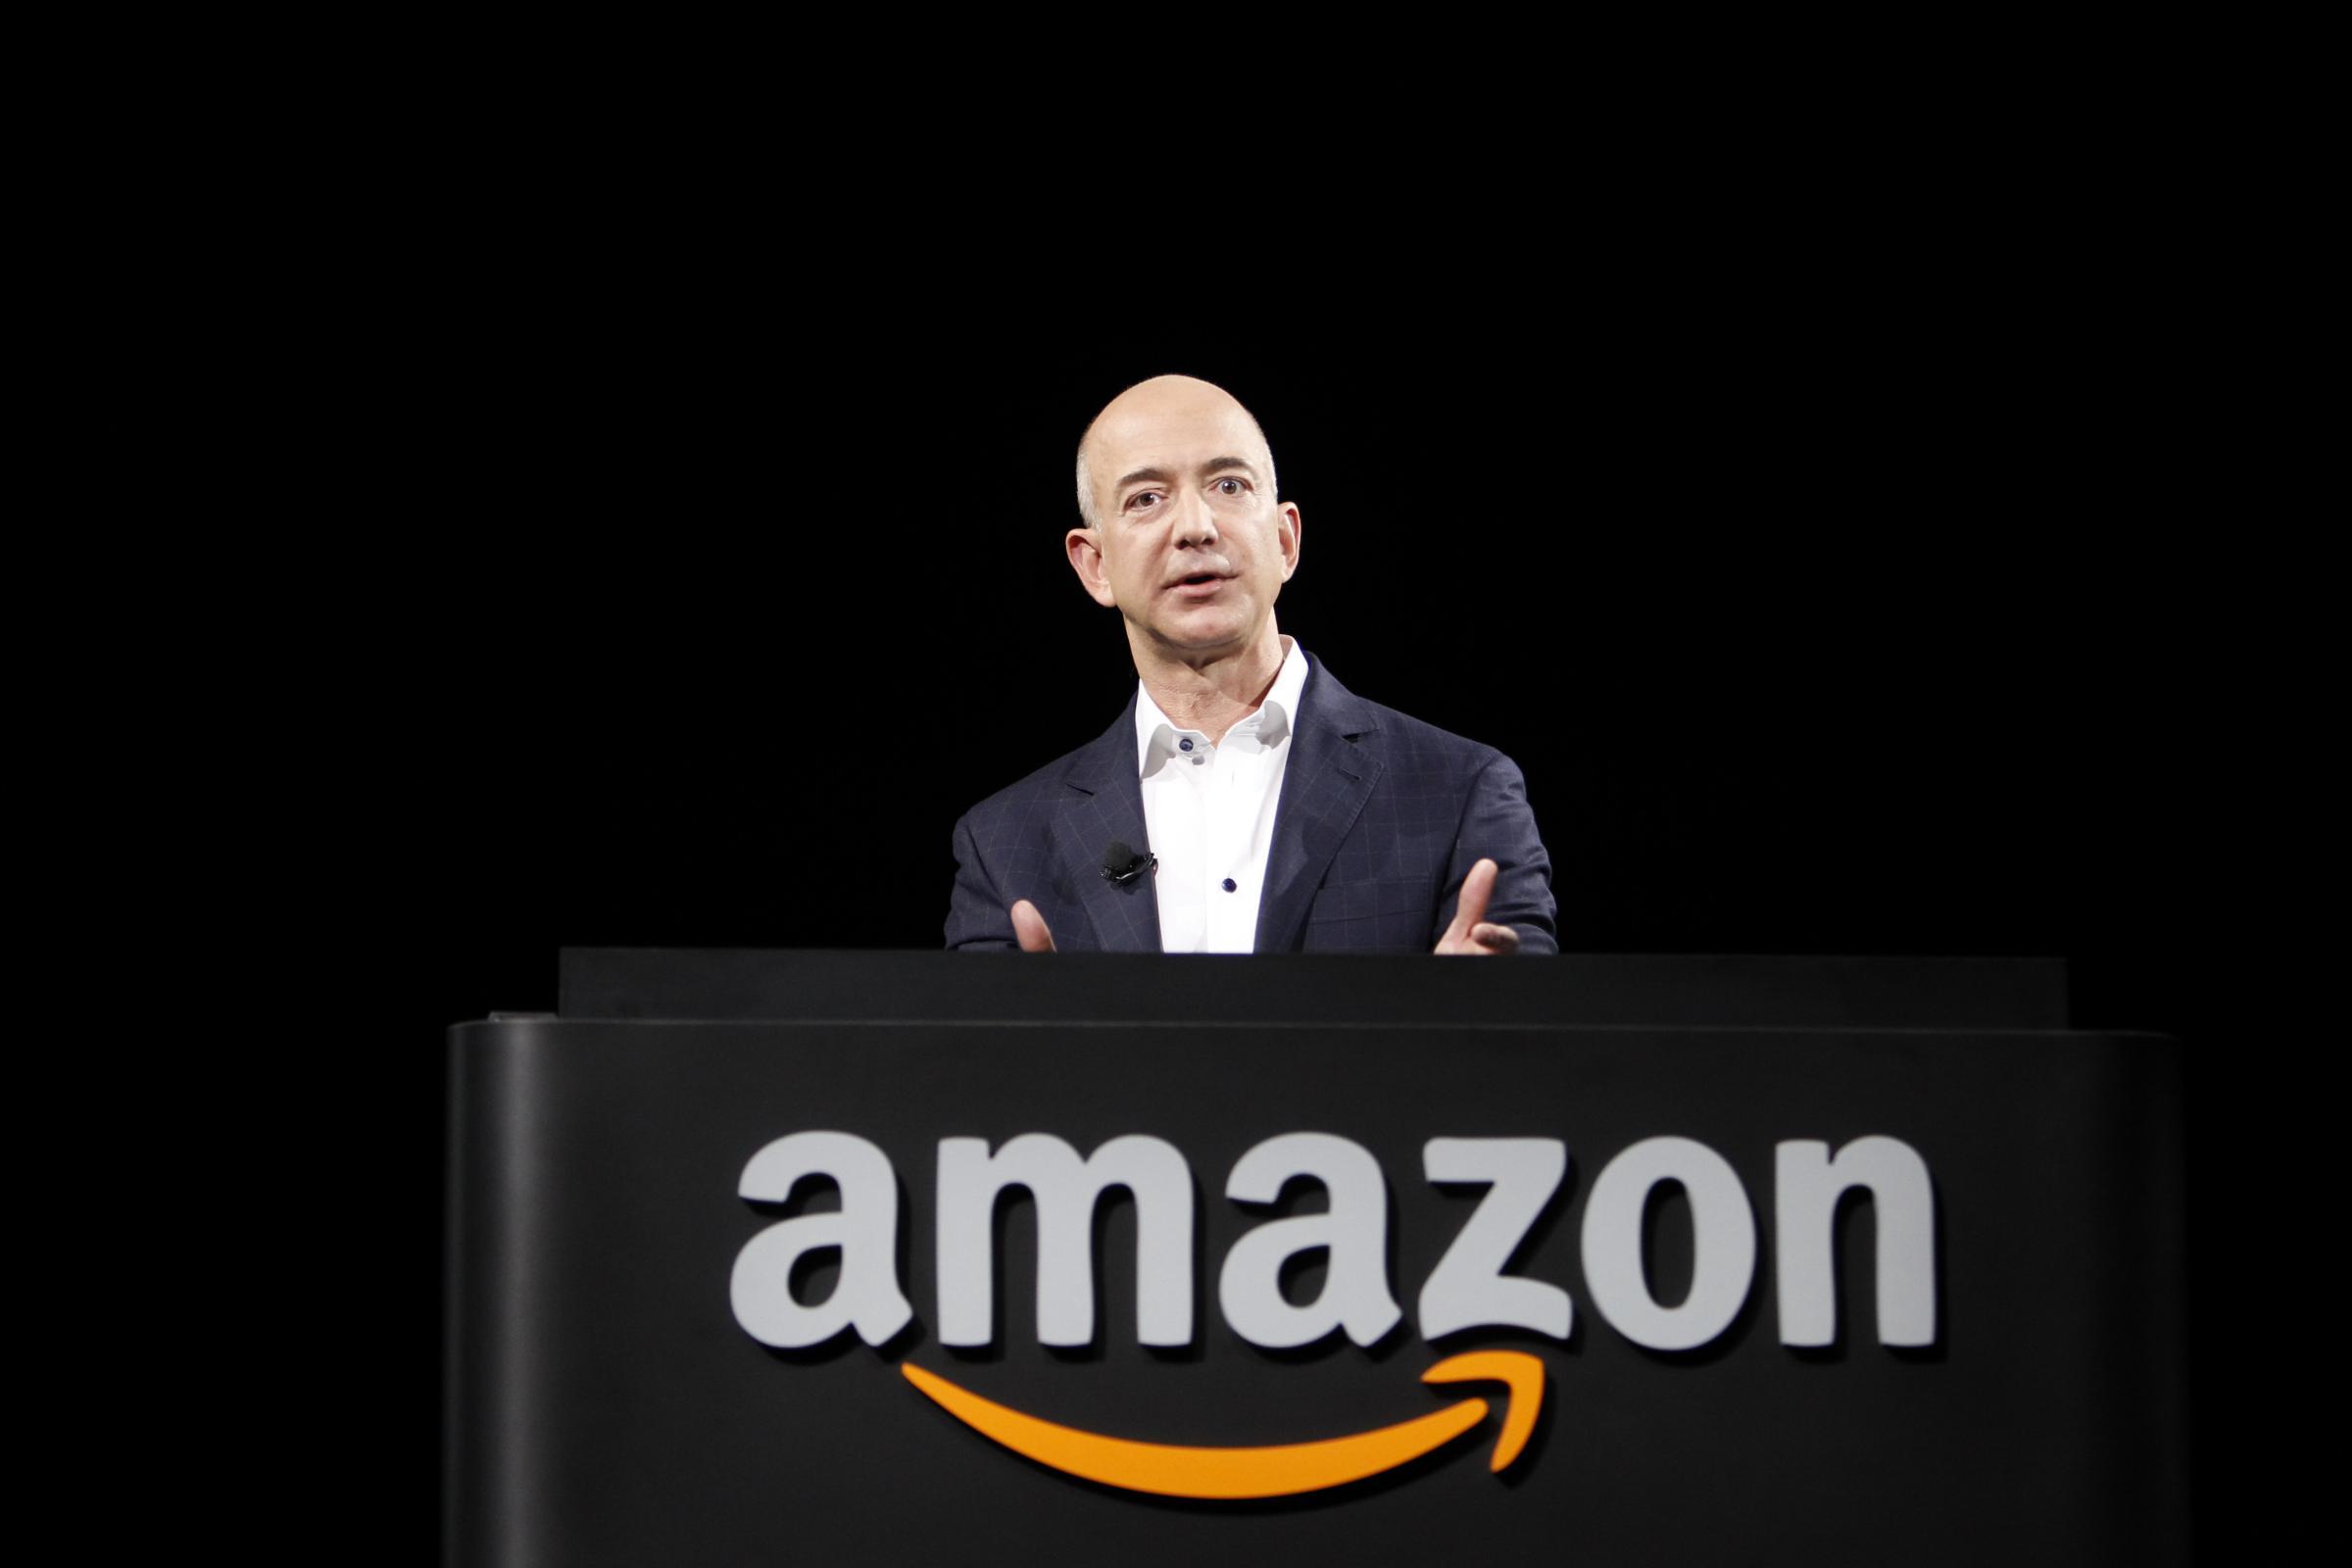 Jeff Bezos, fondatore e amministratore delegato di Amazon